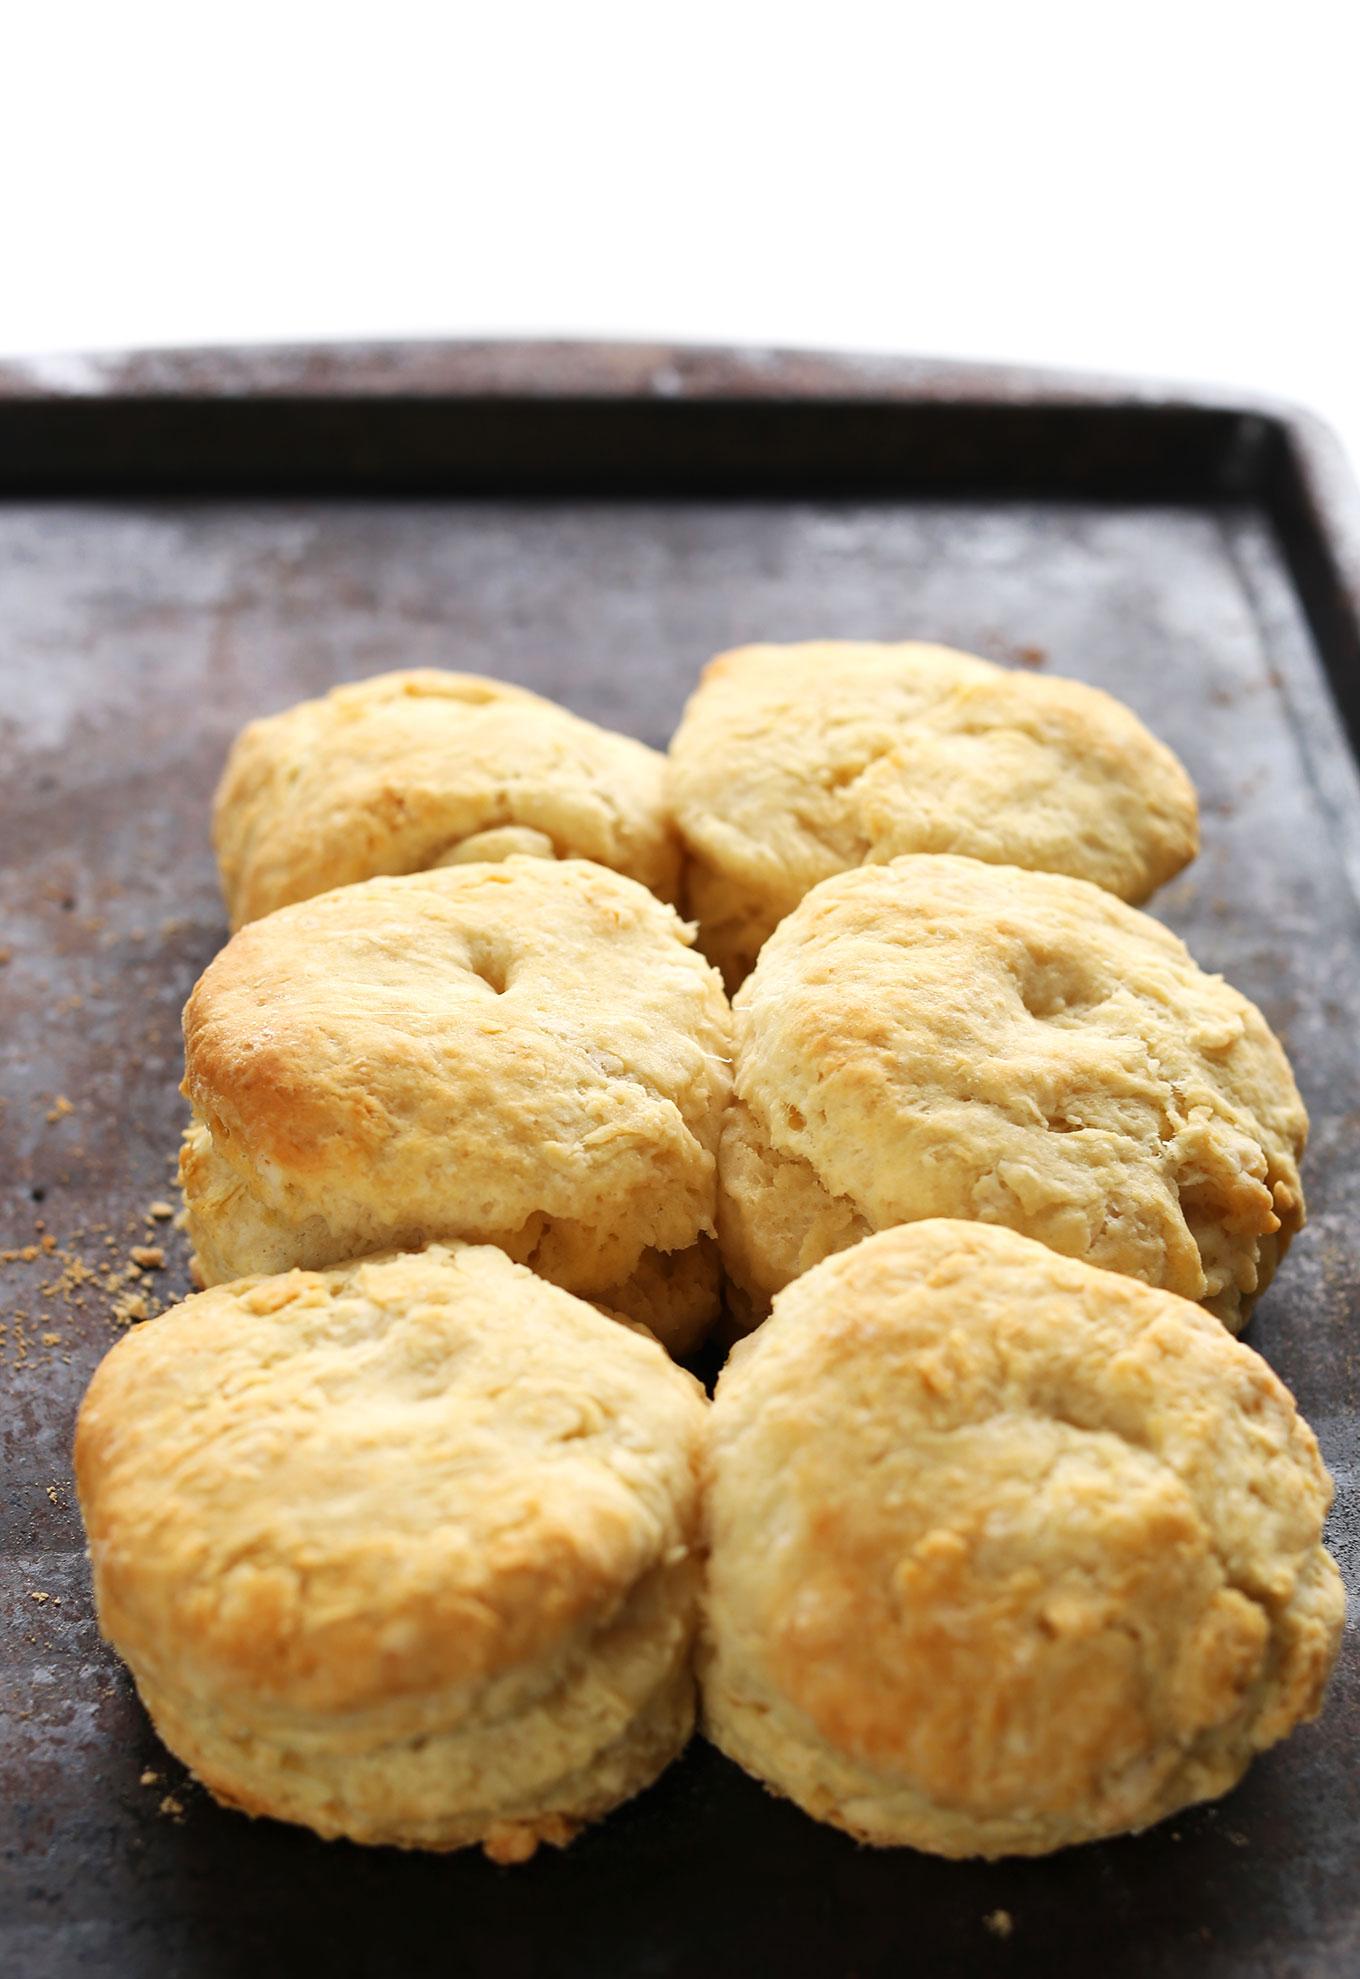 THE BEST Vegan Biscuits #vegan #minimalistbaker